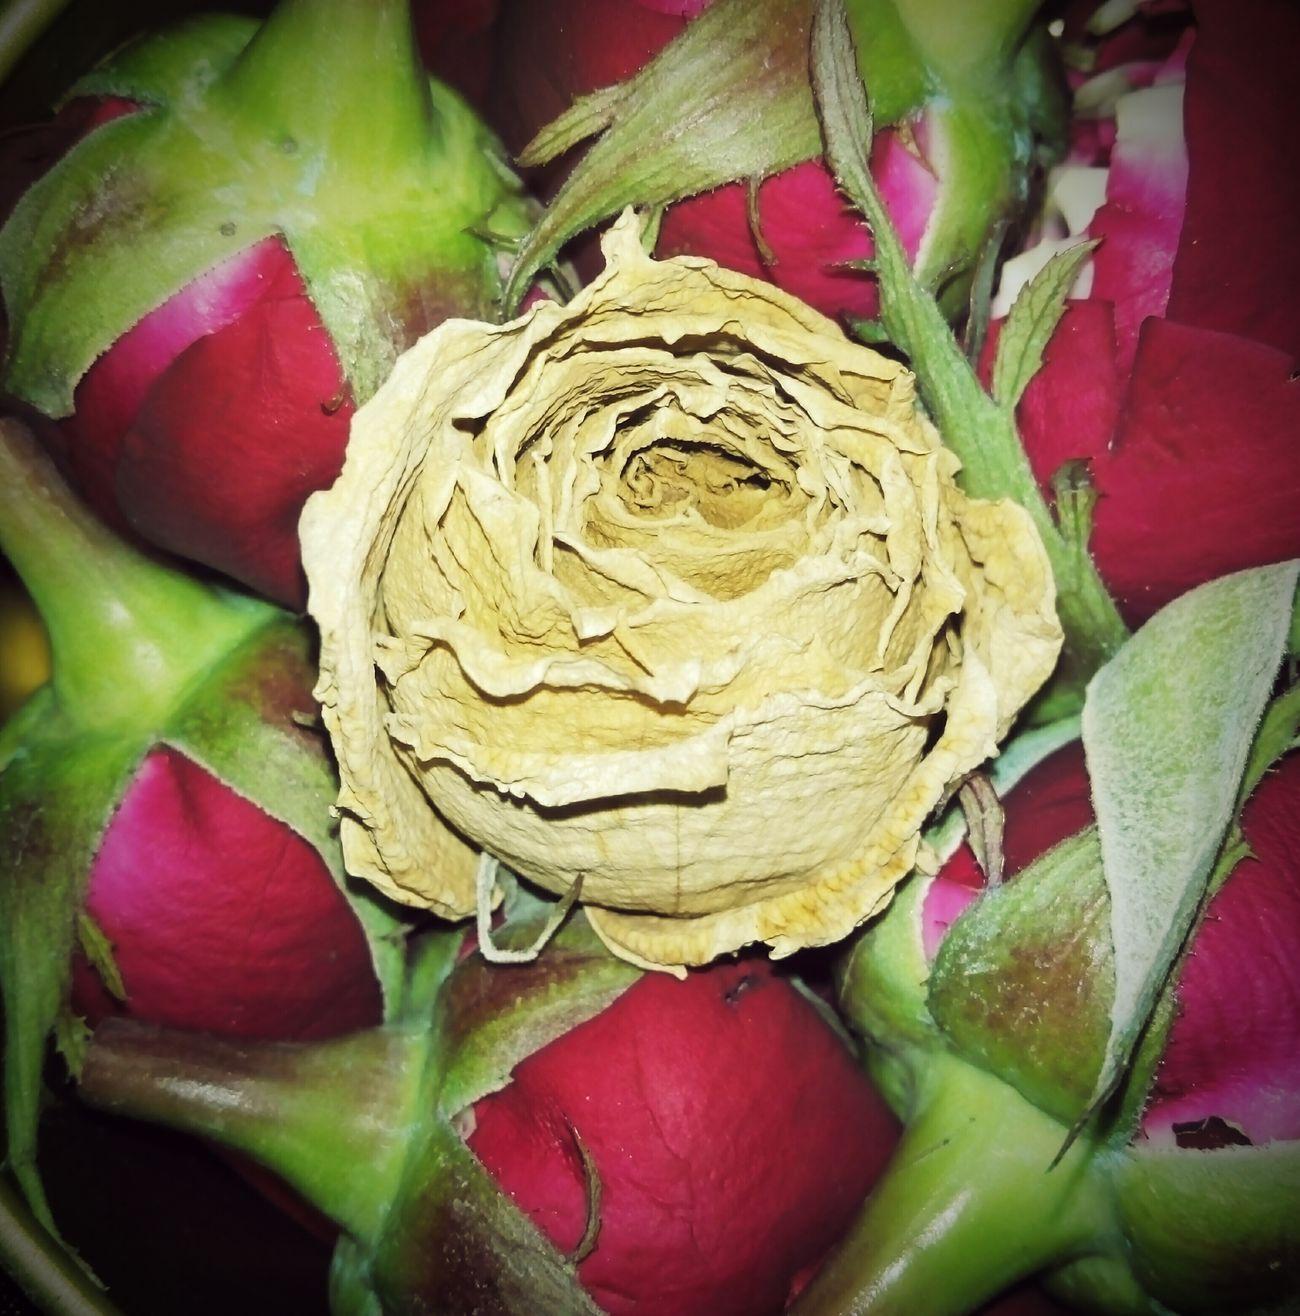 Old Rose White Rose Red Roses Vignette Cameraphoneshot Oldshot